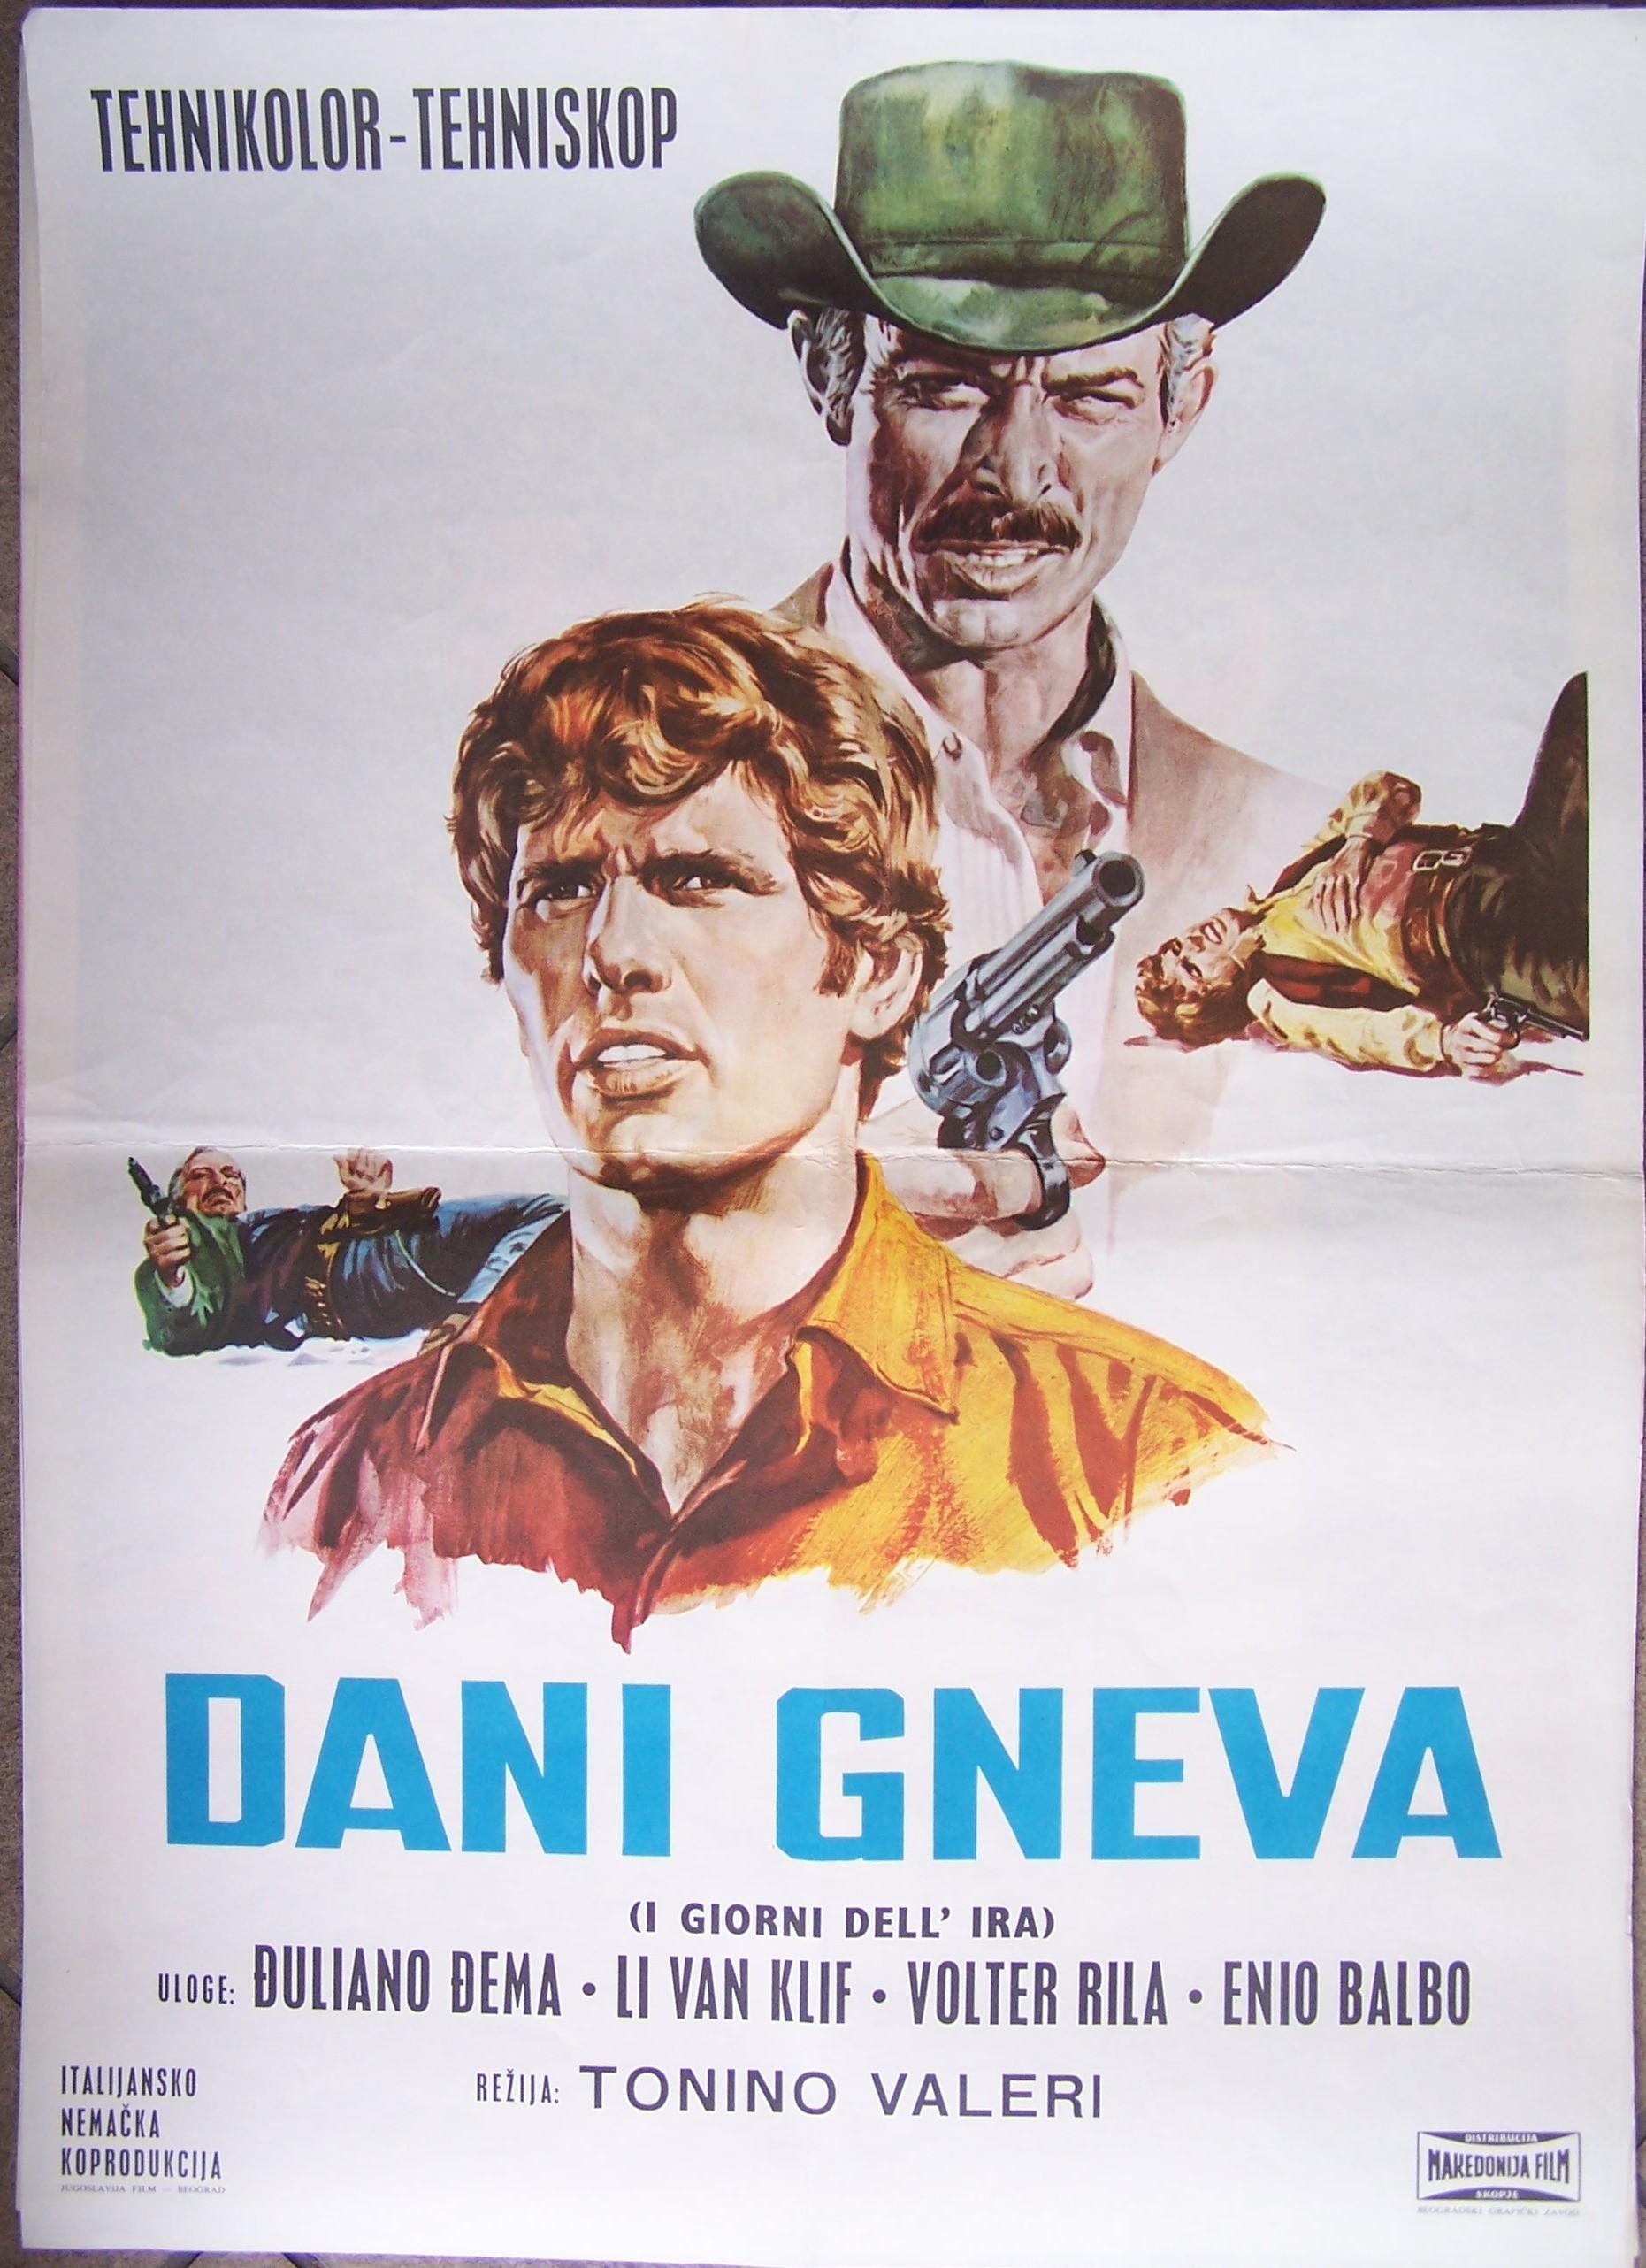 Dani Gneva